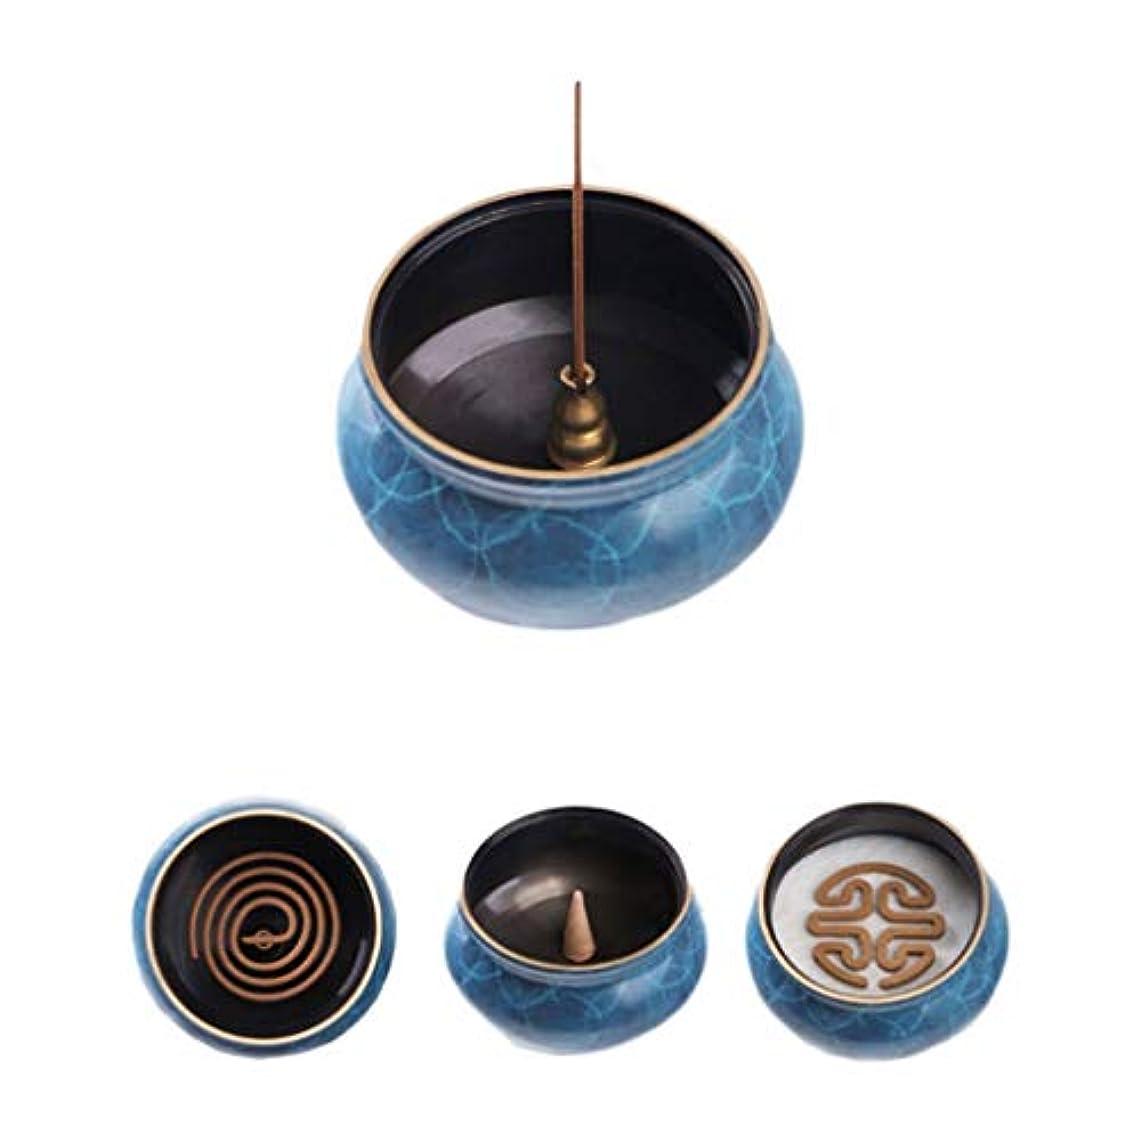 くさびプランター標高芳香器?アロマバーナー 純粋な銅香炉ホームアンティーク白檀用仏寒天香炉香り装飾アロマセラピー炉 芳香器?アロマバーナー (Color : Blue copper)